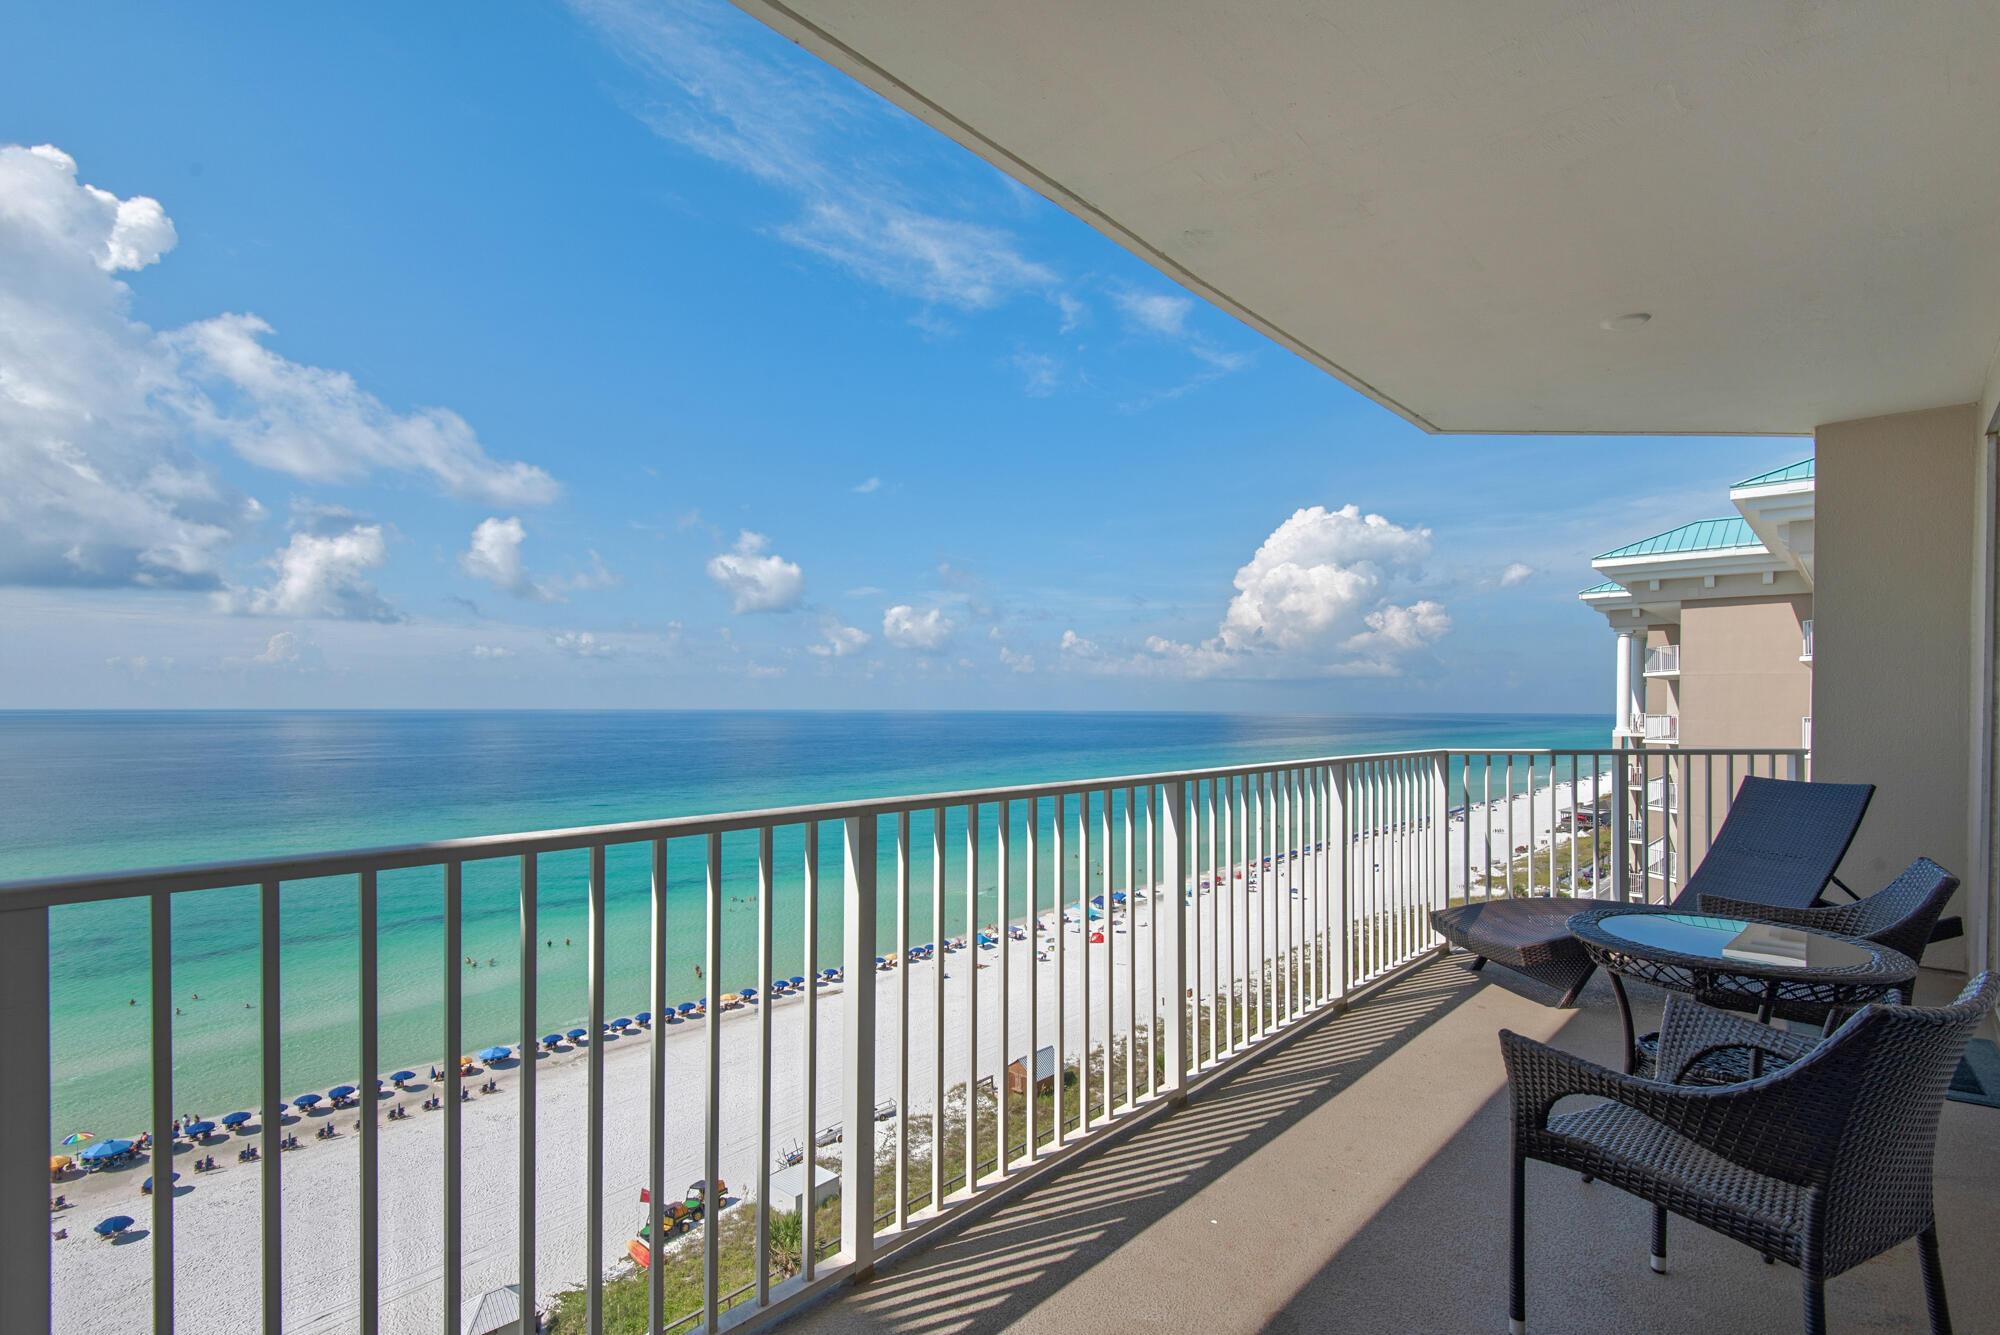 1160 Scenic Gulf Drive A1111, Miramar Beach, FL 32550